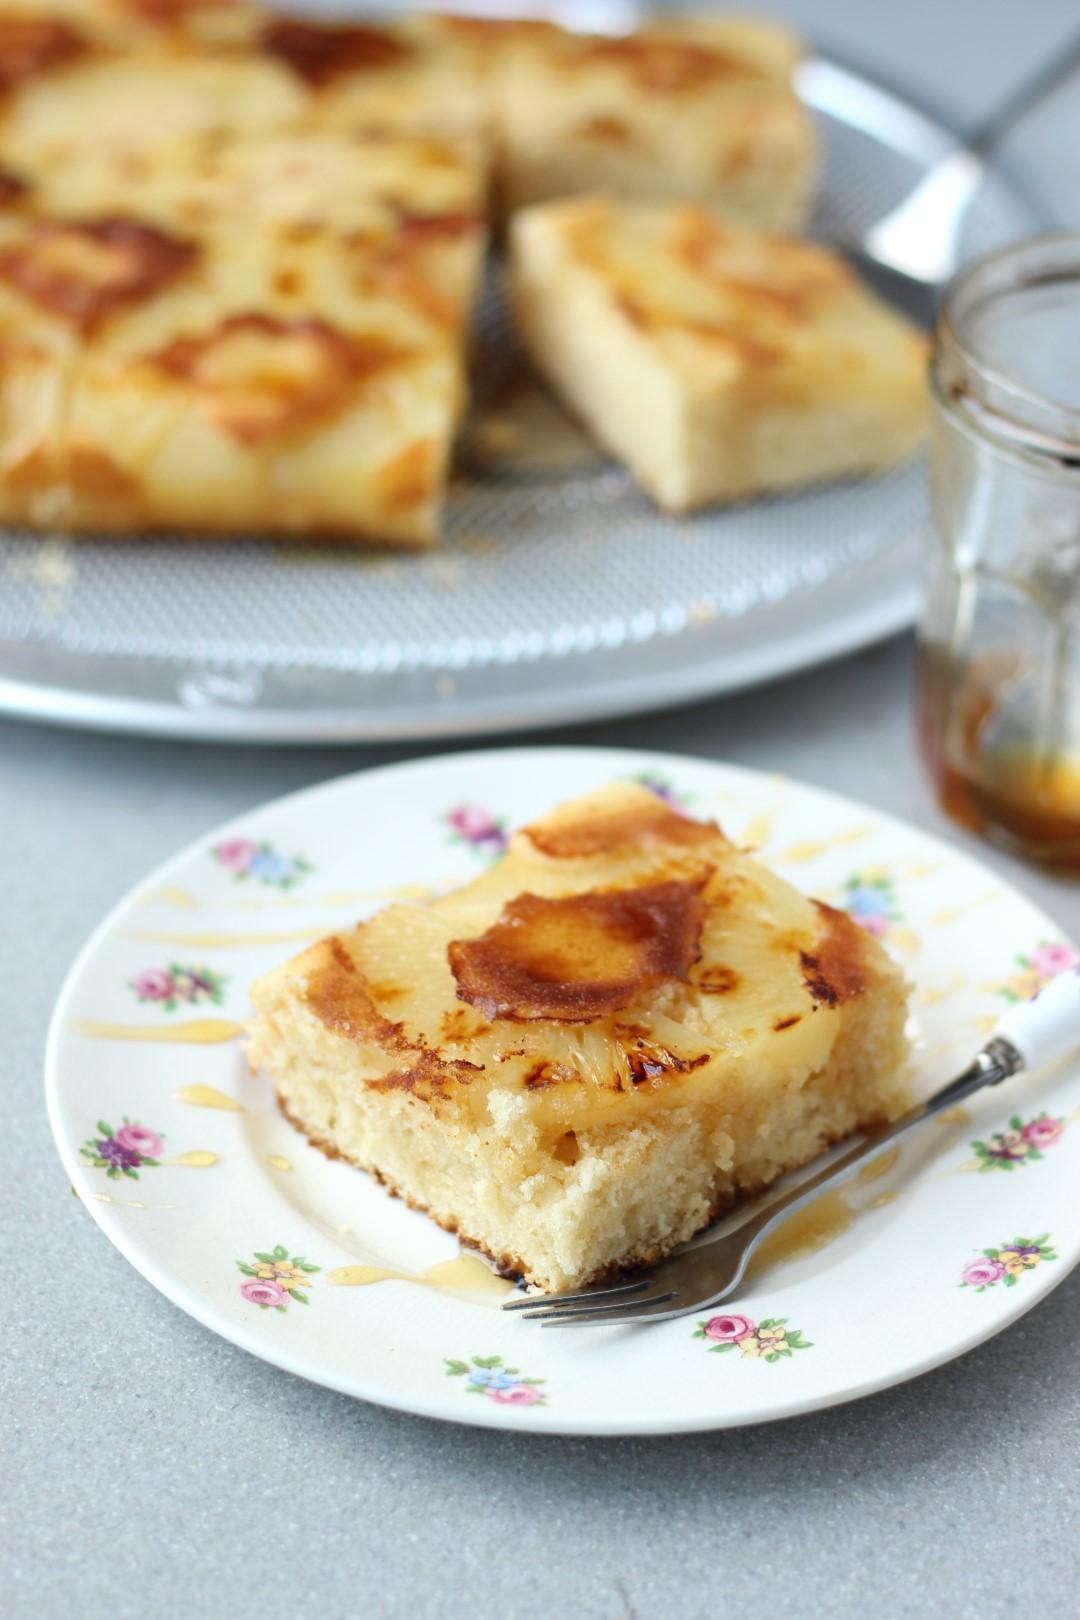 Torta Flip de Ananá y miel, recetas Essen, Sandwichera multifunción Essen, Flip Essen, tortas rápidas, recetas de cocina.